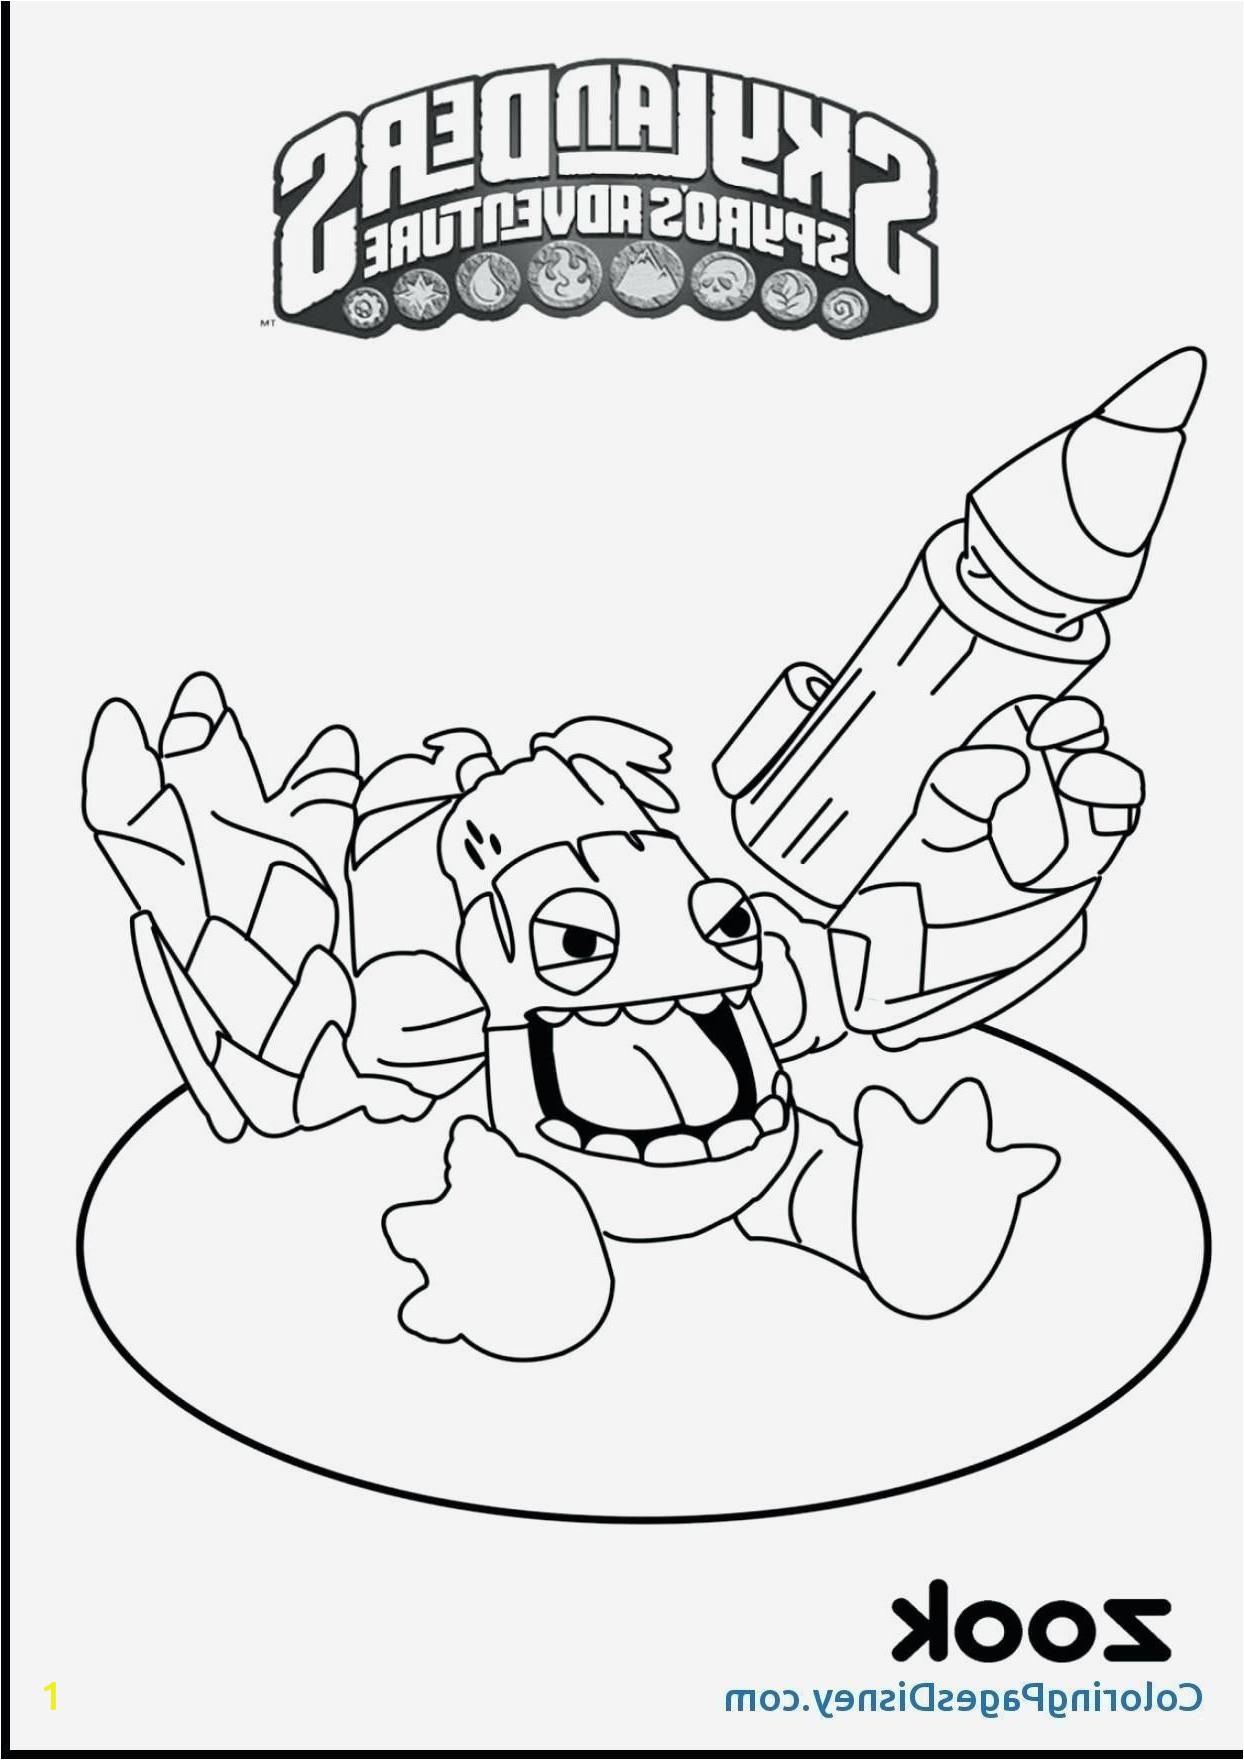 legend of zelda coloring book new gallery coloring pages lion of legend of zelda coloring book